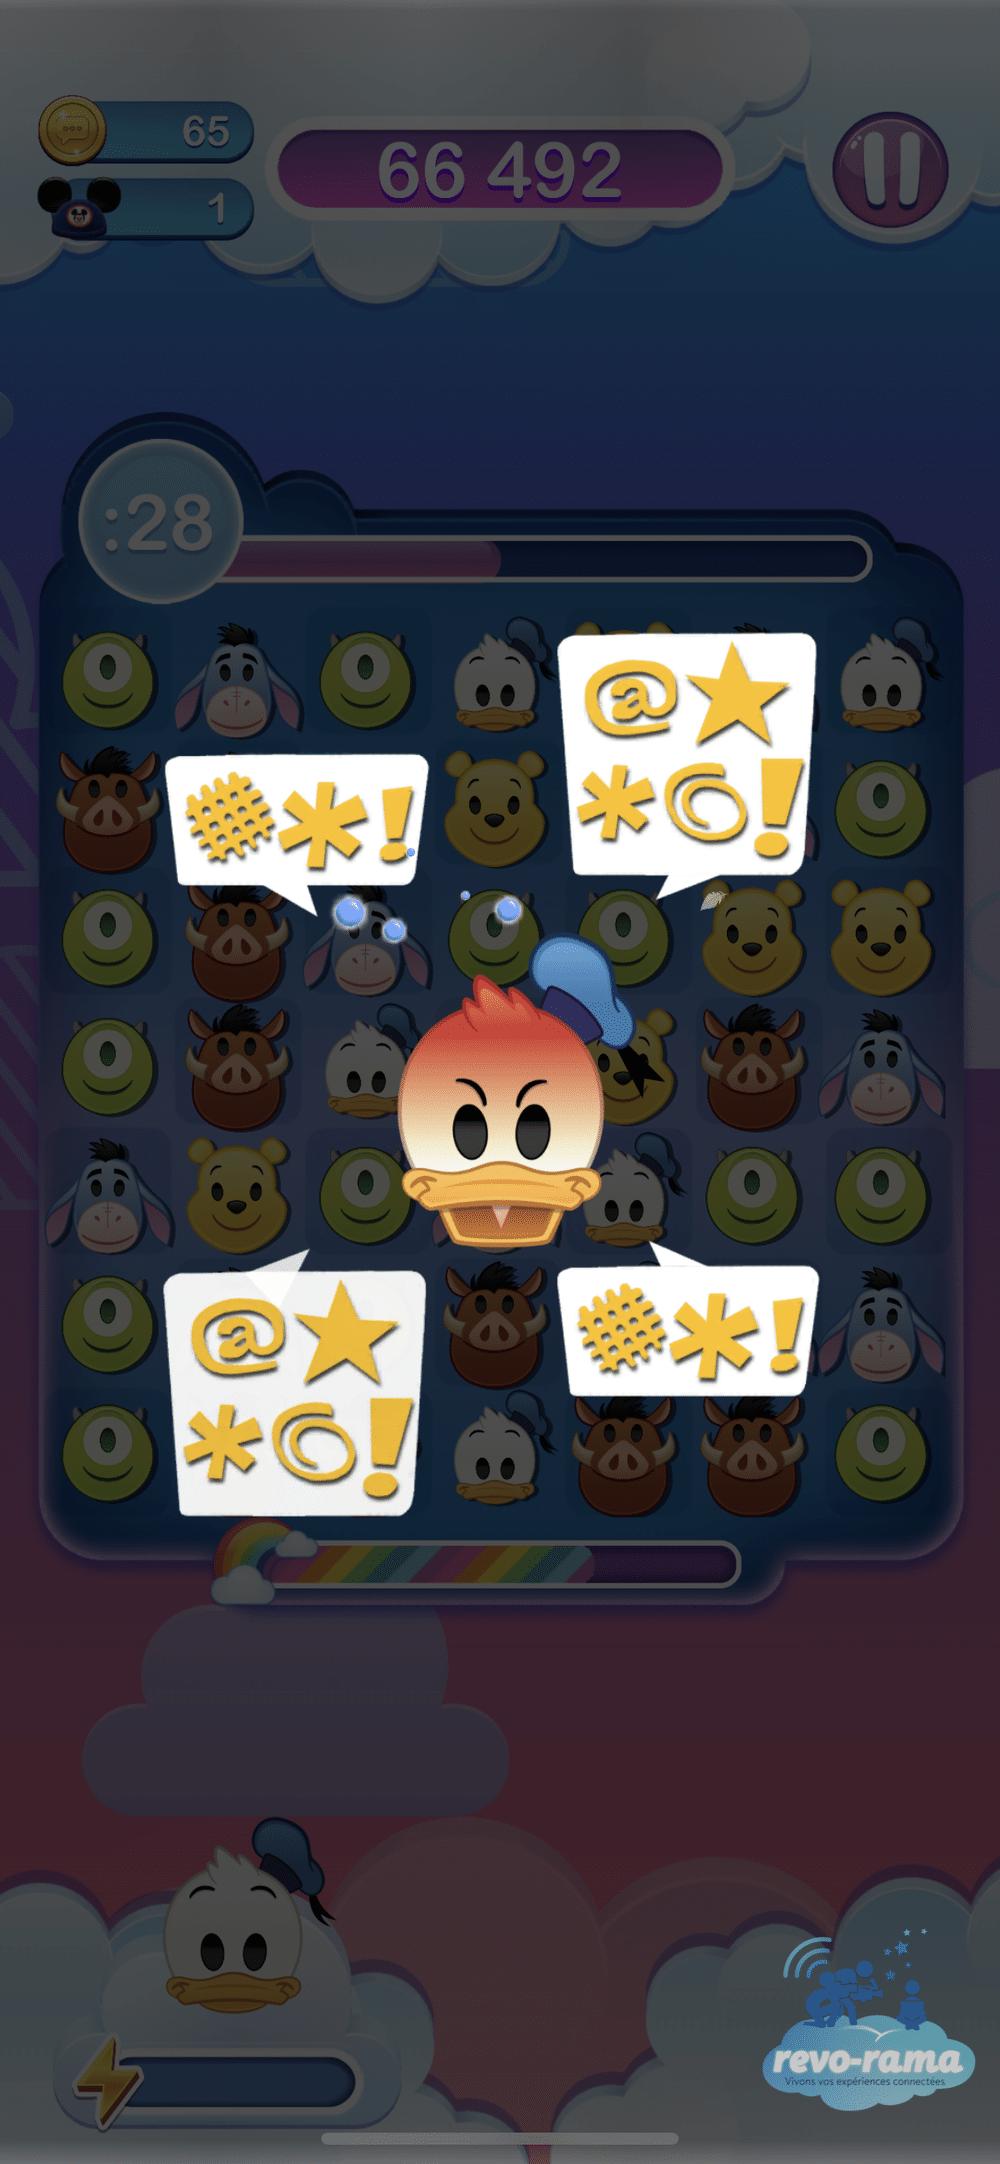 disney-emoji-blitz-iphone-halloween